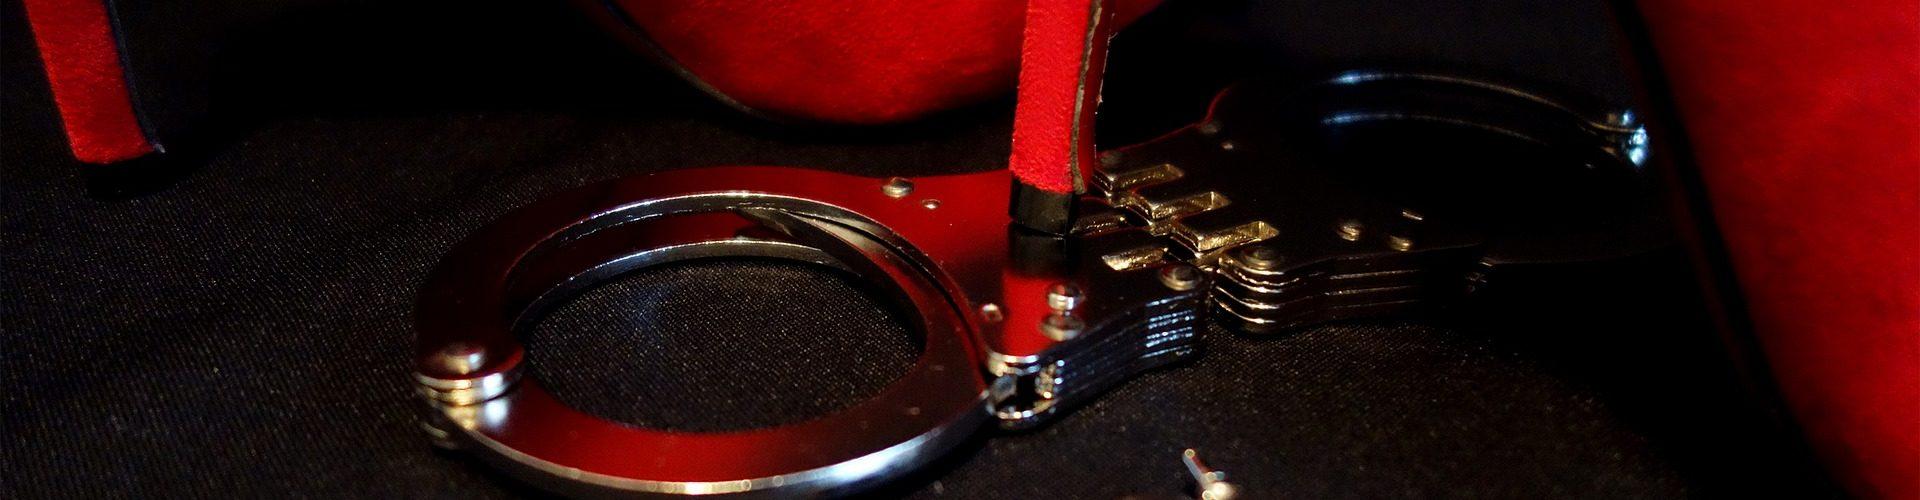 BDSM, SM-Raum, Darkroom Zürich, Basel, Handschelle, Domina, Schuhe, Schlüssel